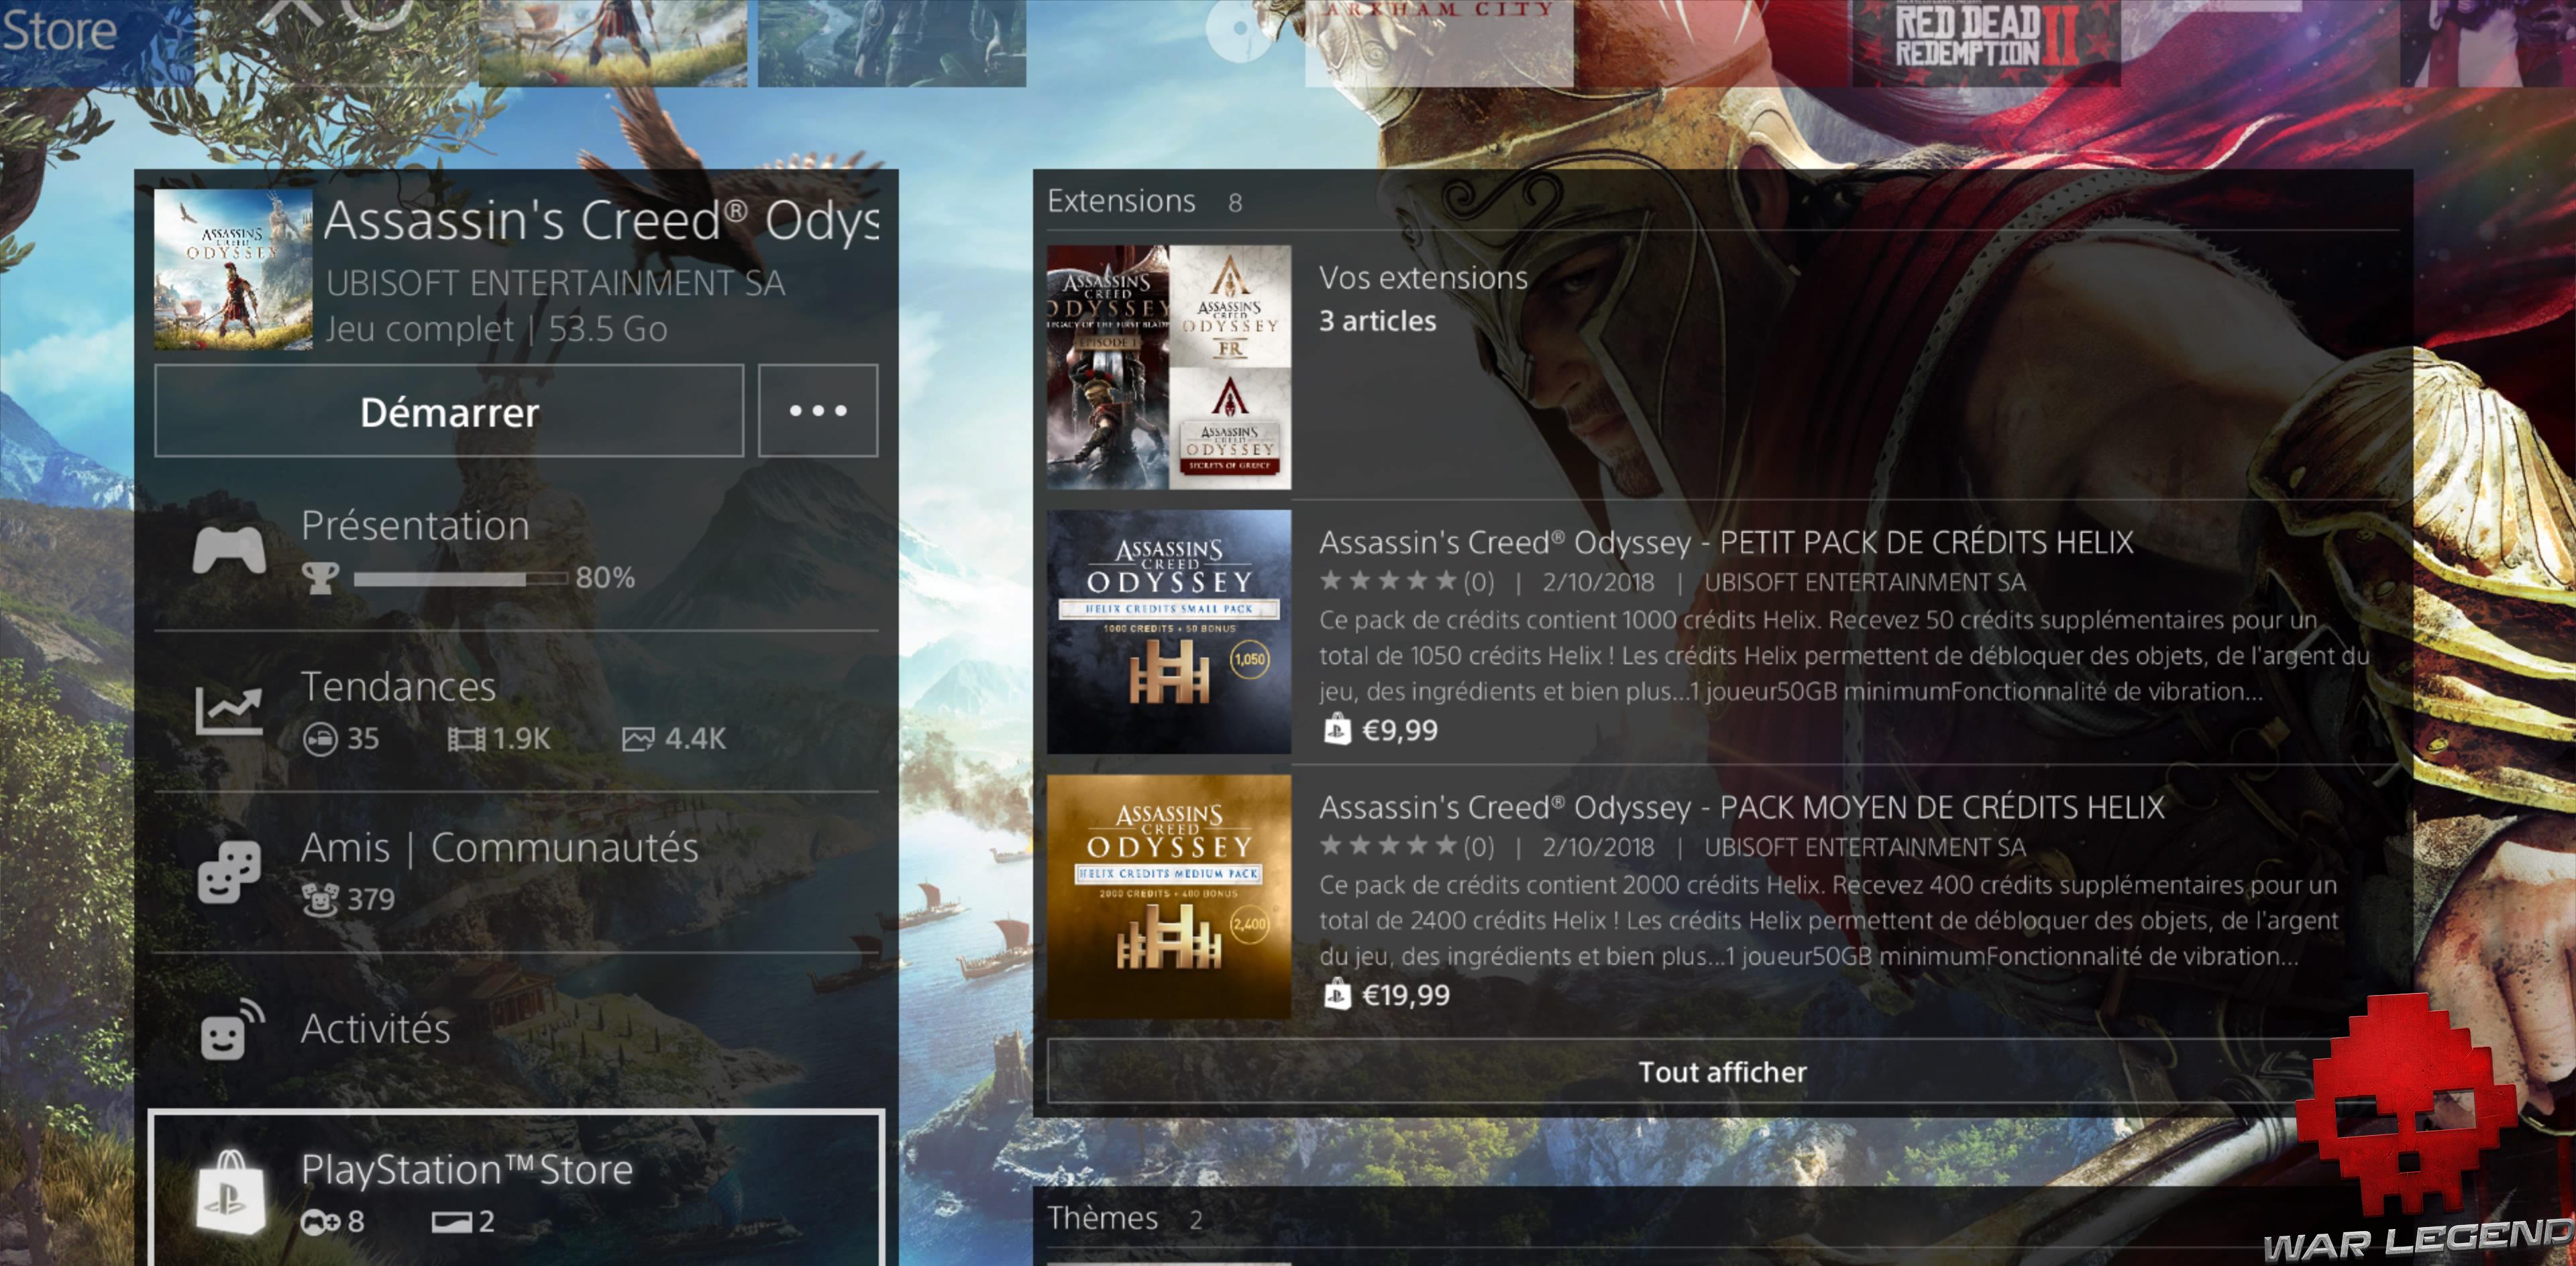 Assassin's Creed Odyssey - L'héritage de la première lame playstation